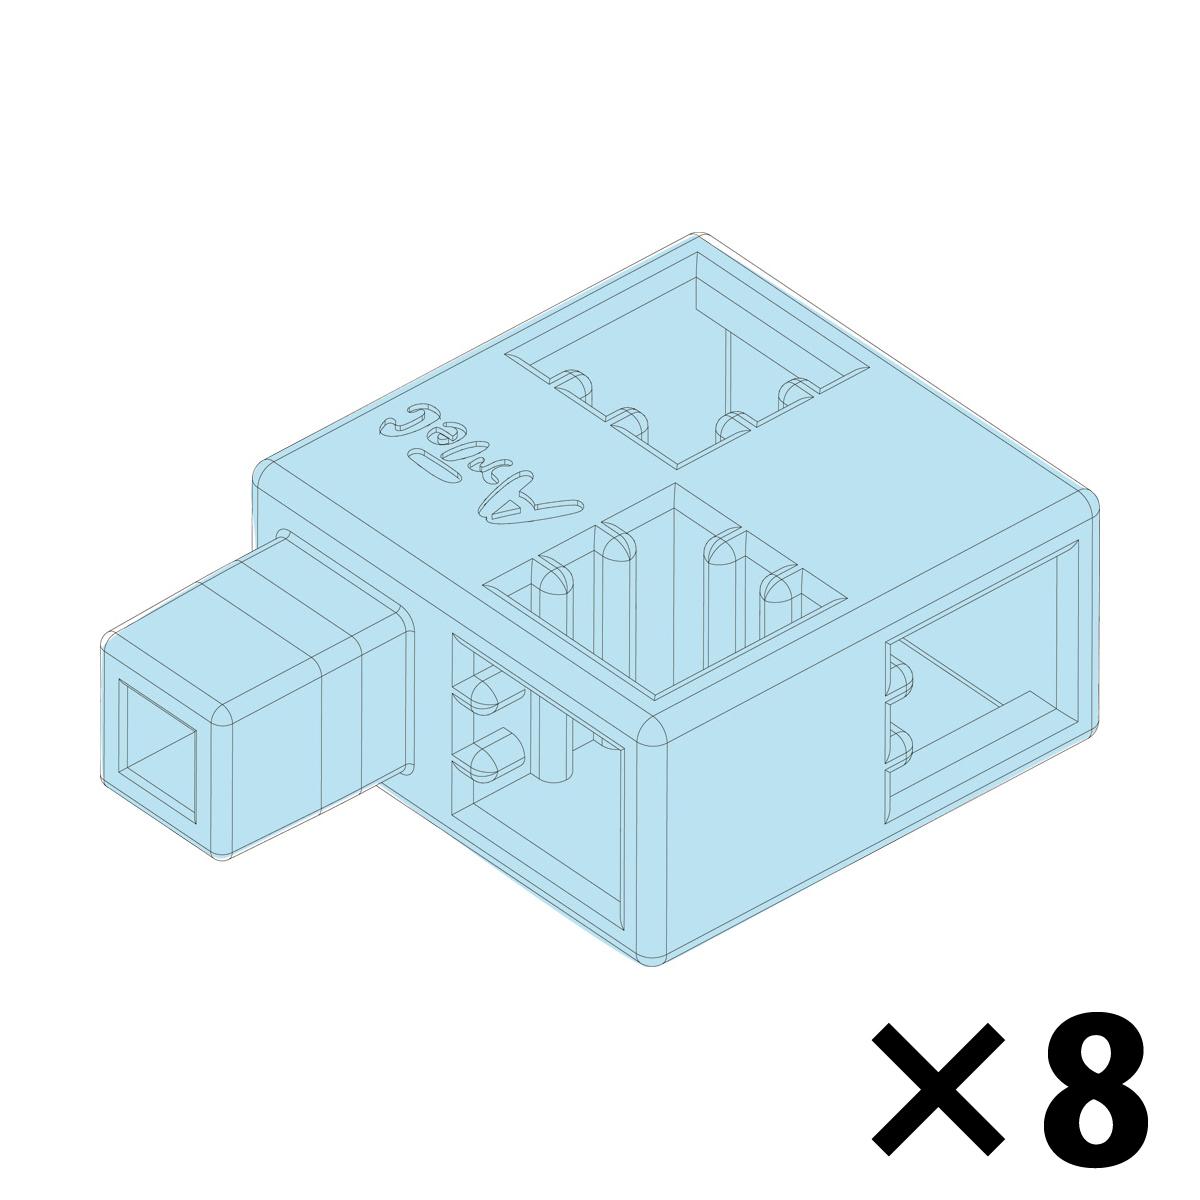 アーテックブロック部品 アーテックブロック ハーフC 薄水 8pcsセット カラーブロック 日本製 ゲーム 玩具 レゴ・レゴブロックのように遊べます パーツ クリスマスプレゼント